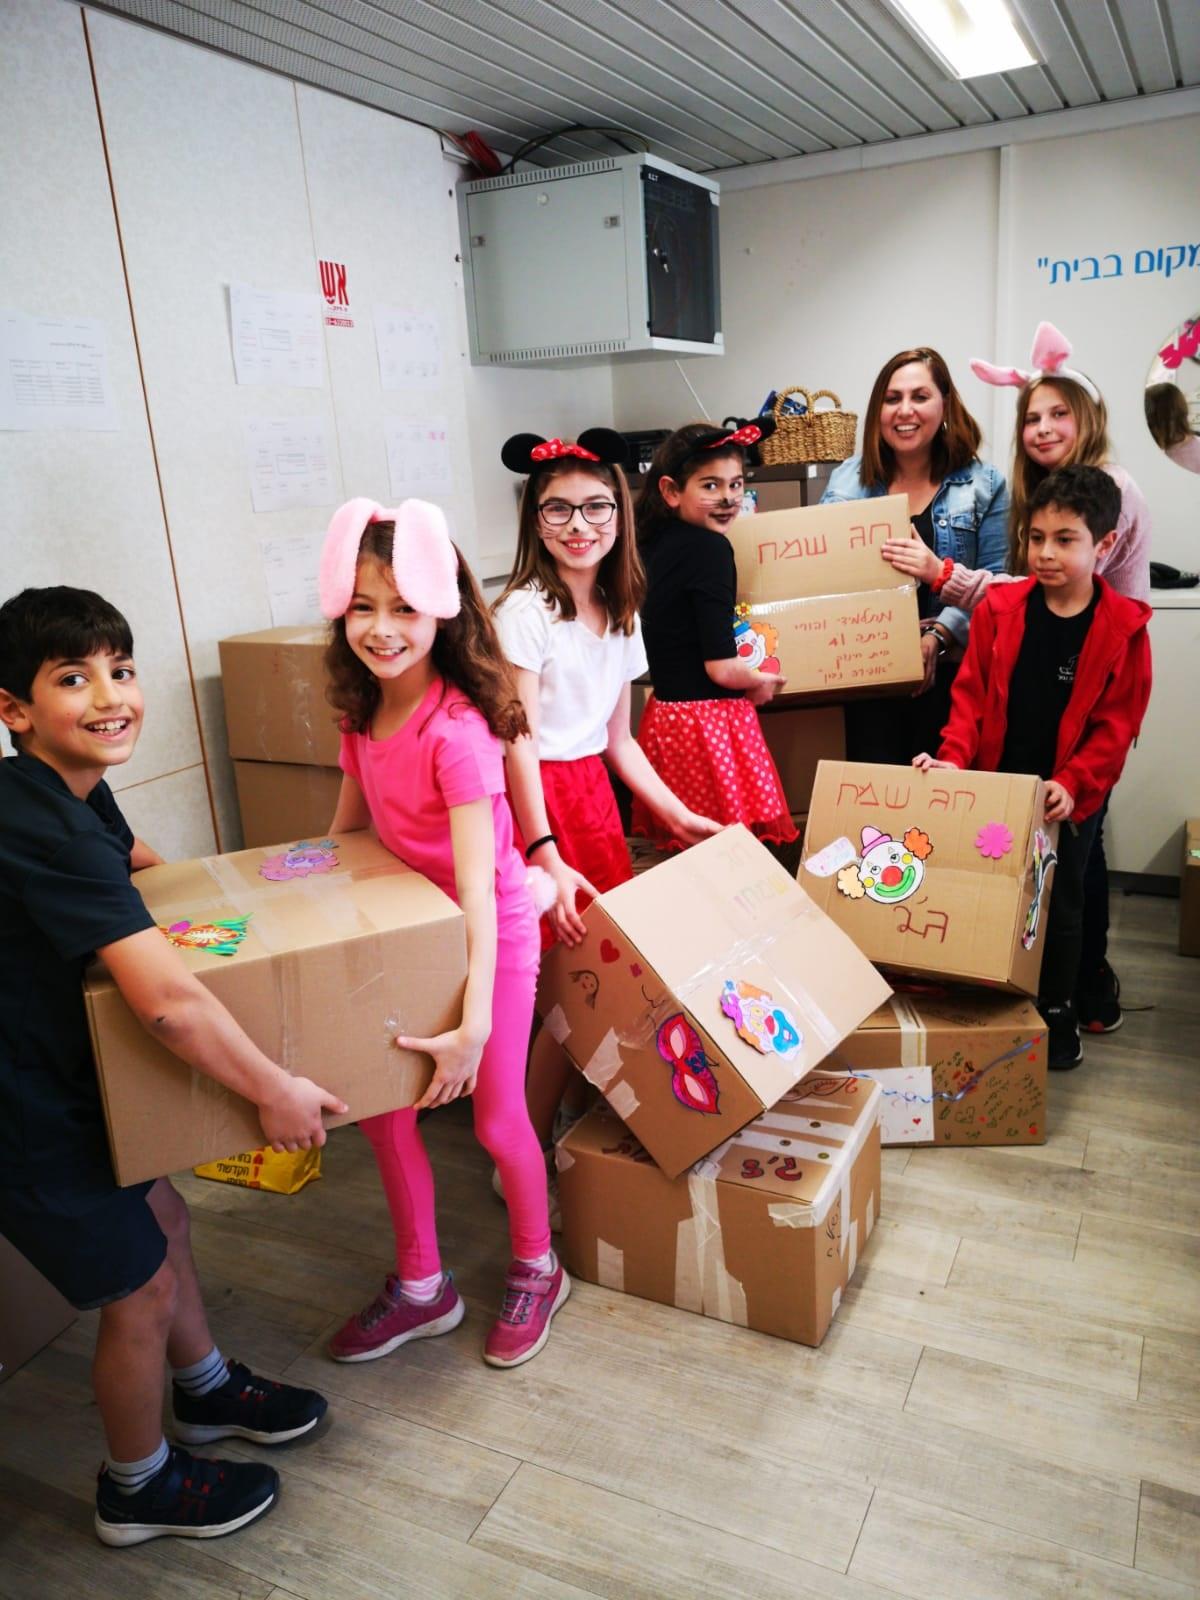 """כל הכבוד! תלמידי בית הספר """"אופירה נבון"""" תורמים משלוחי מנות מיוחדים לקהילה"""